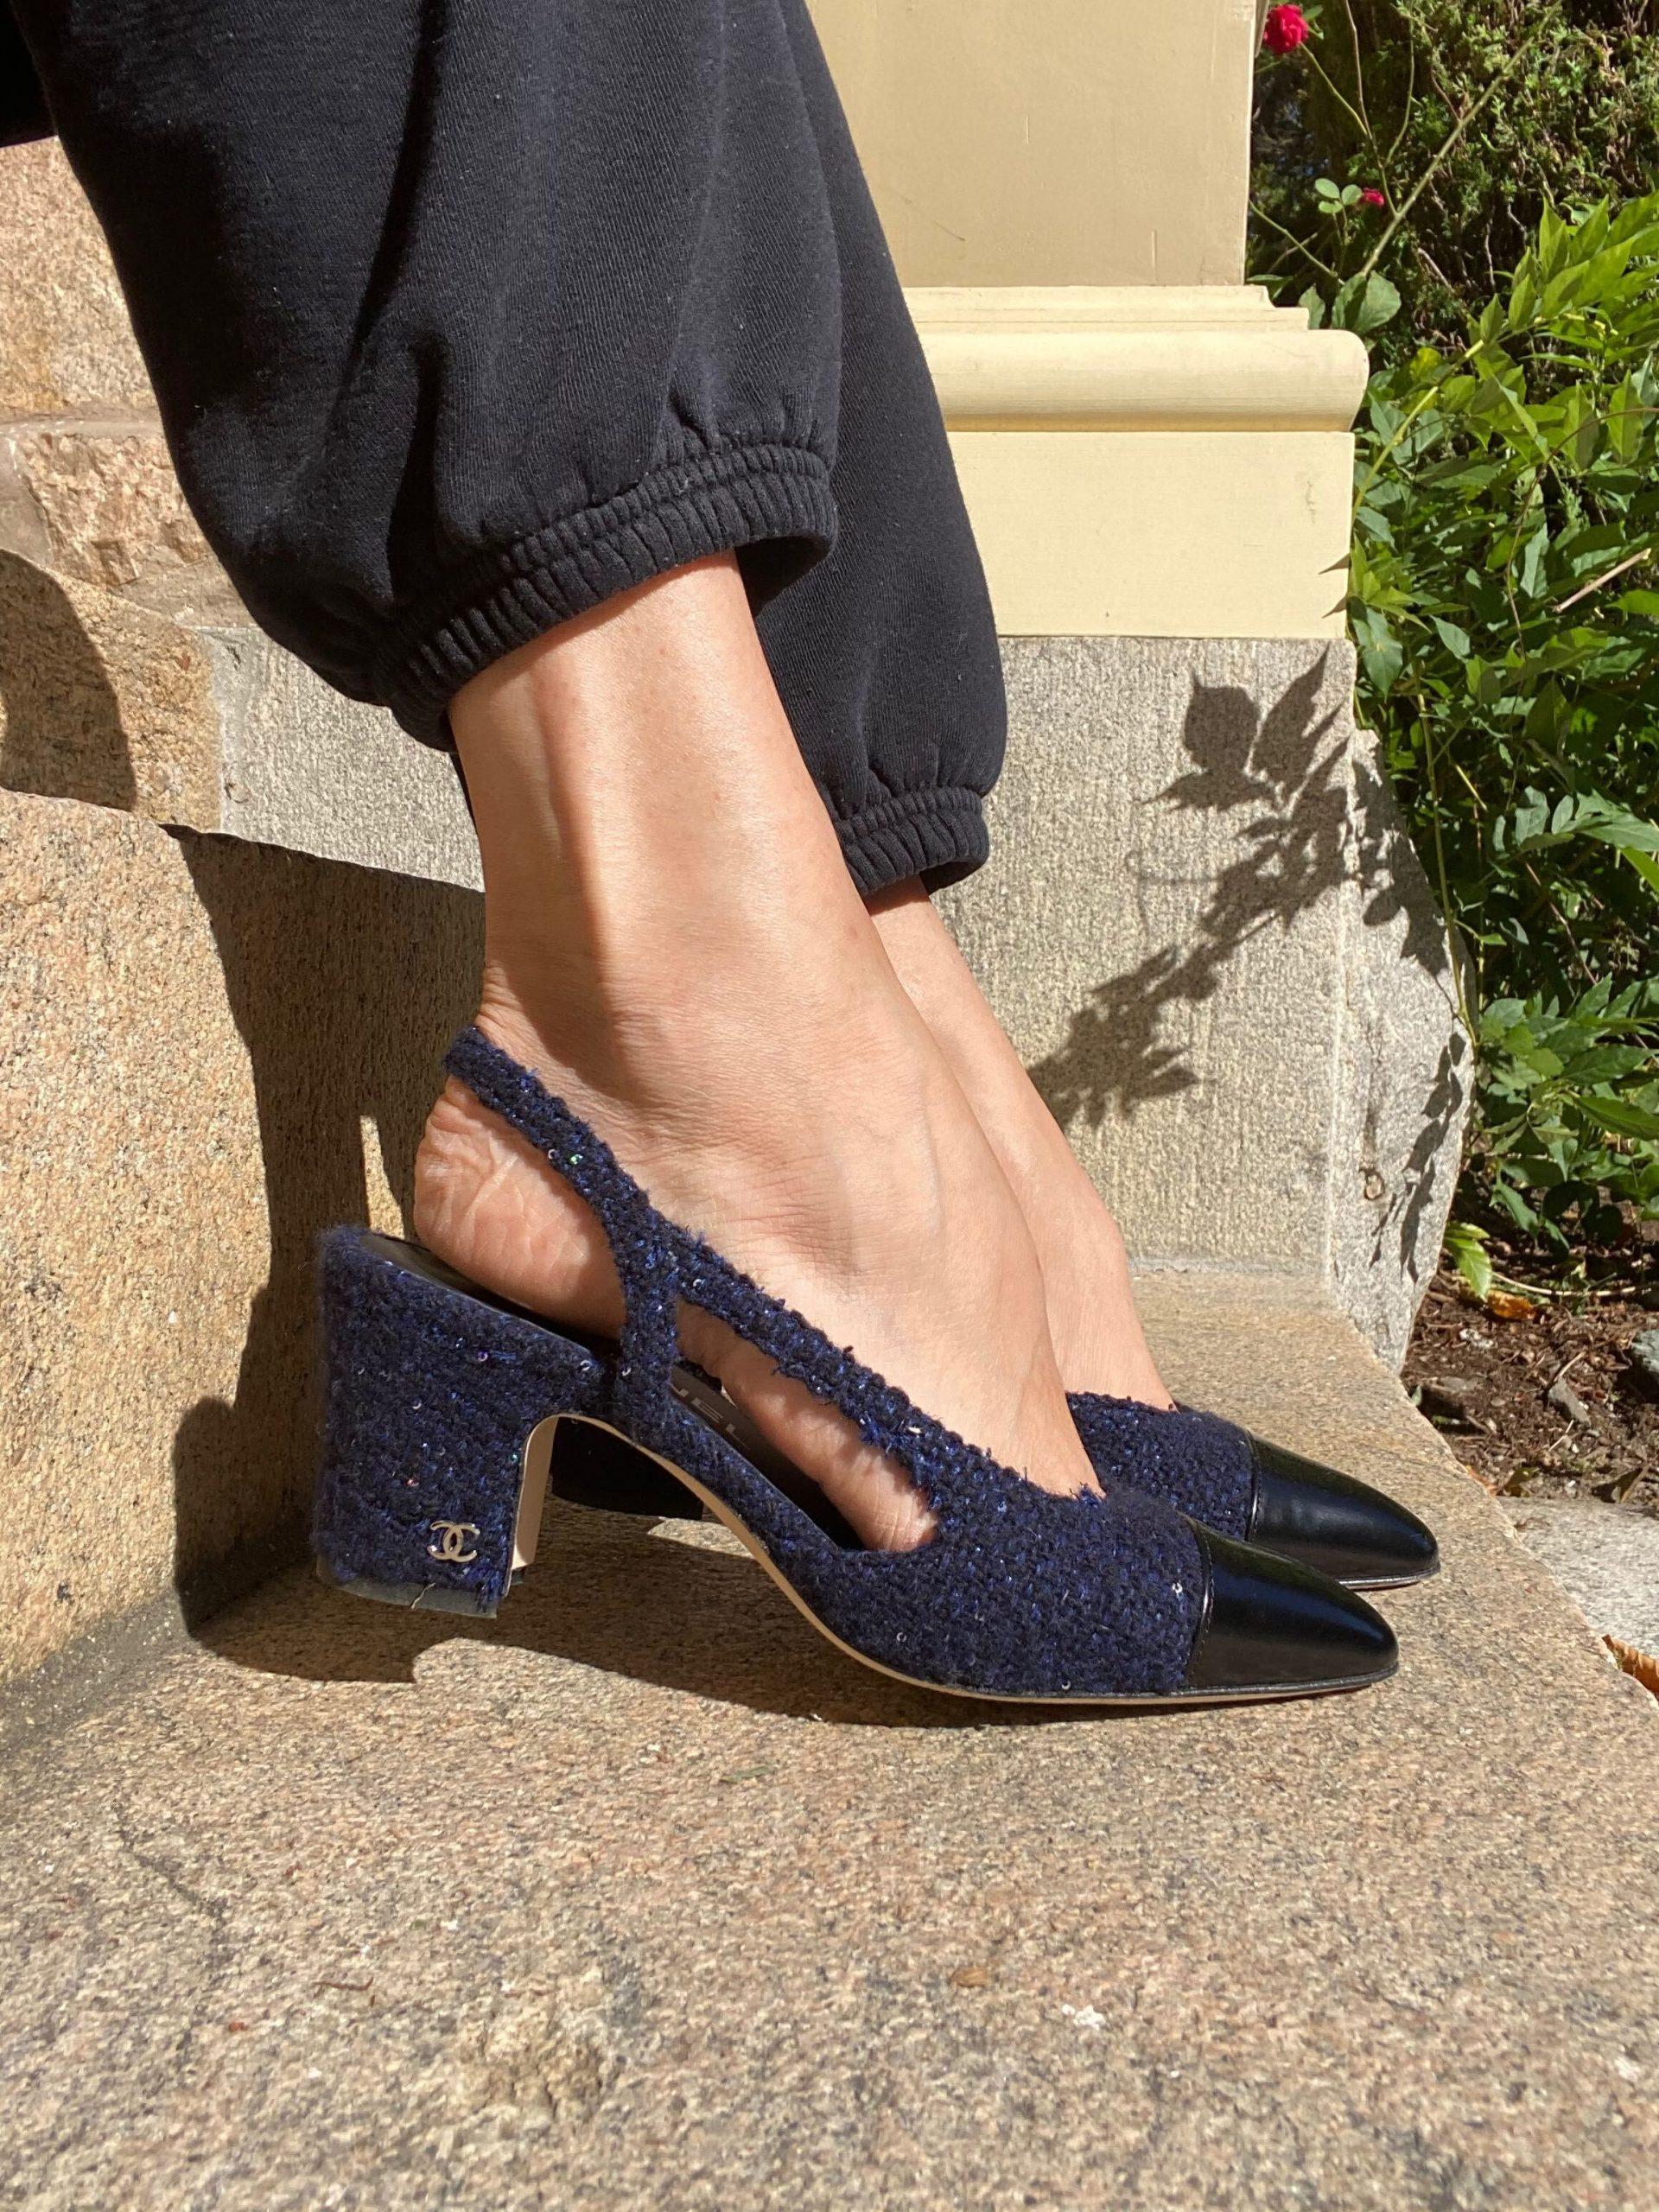 Giày slingback chanel vải tuýt màu xanh navy